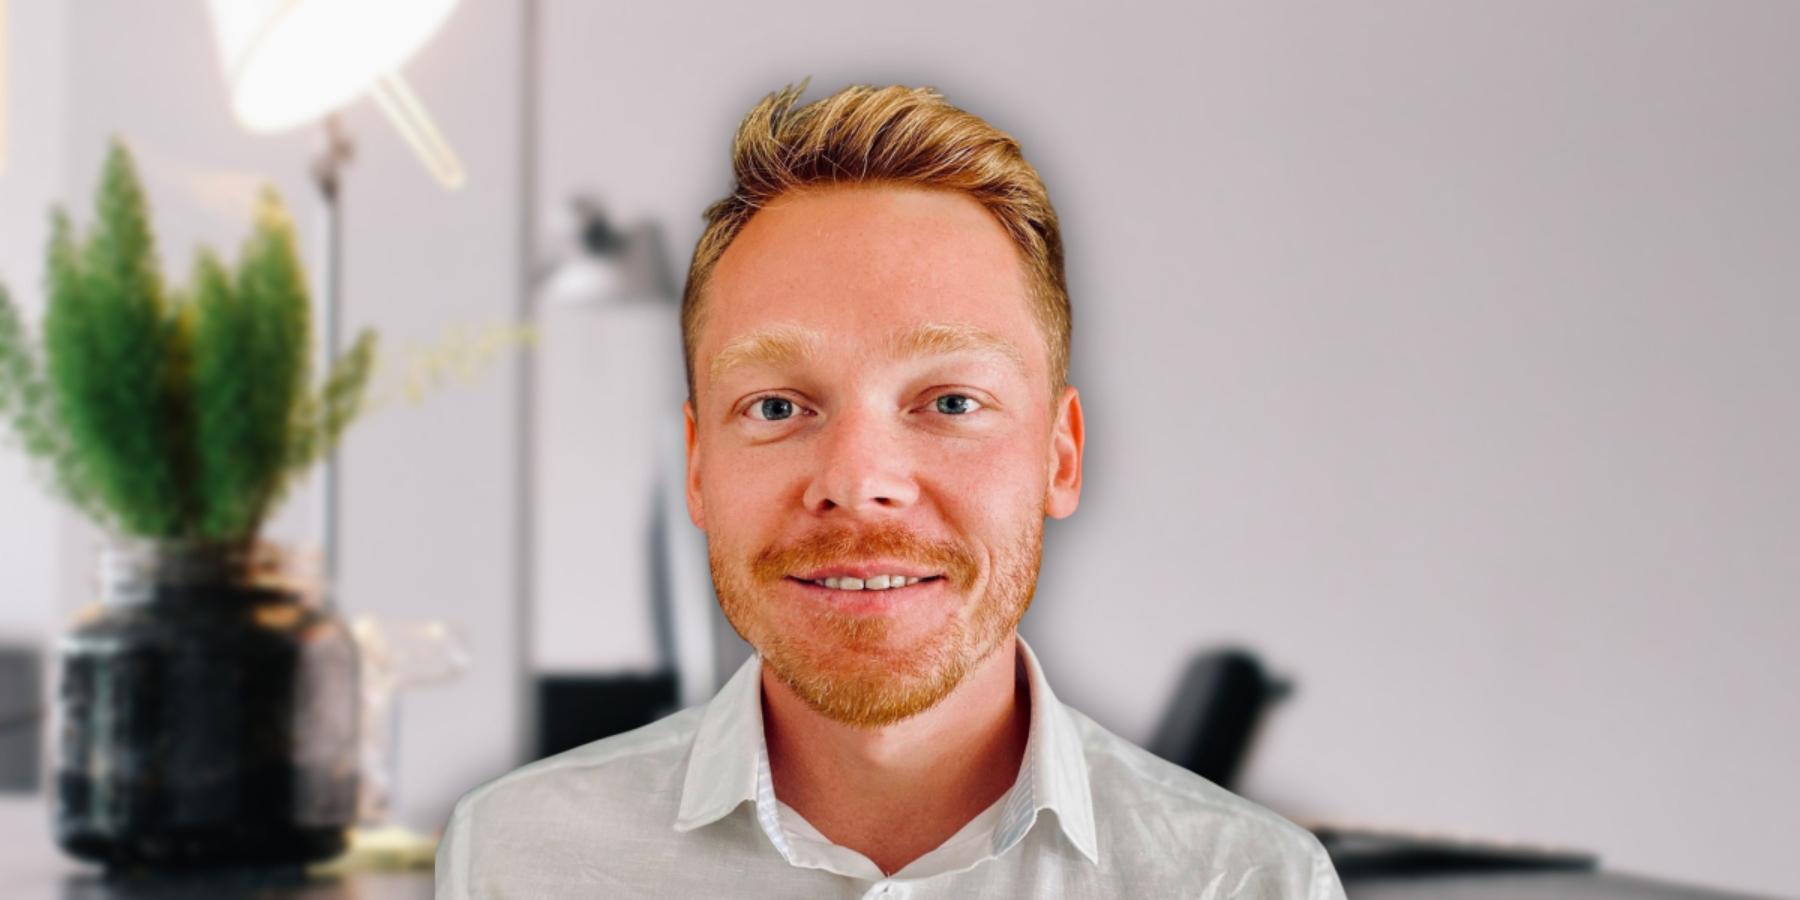 Mateusz Warcholiński stworzył startup przezjeden weekend iwywołał burzę